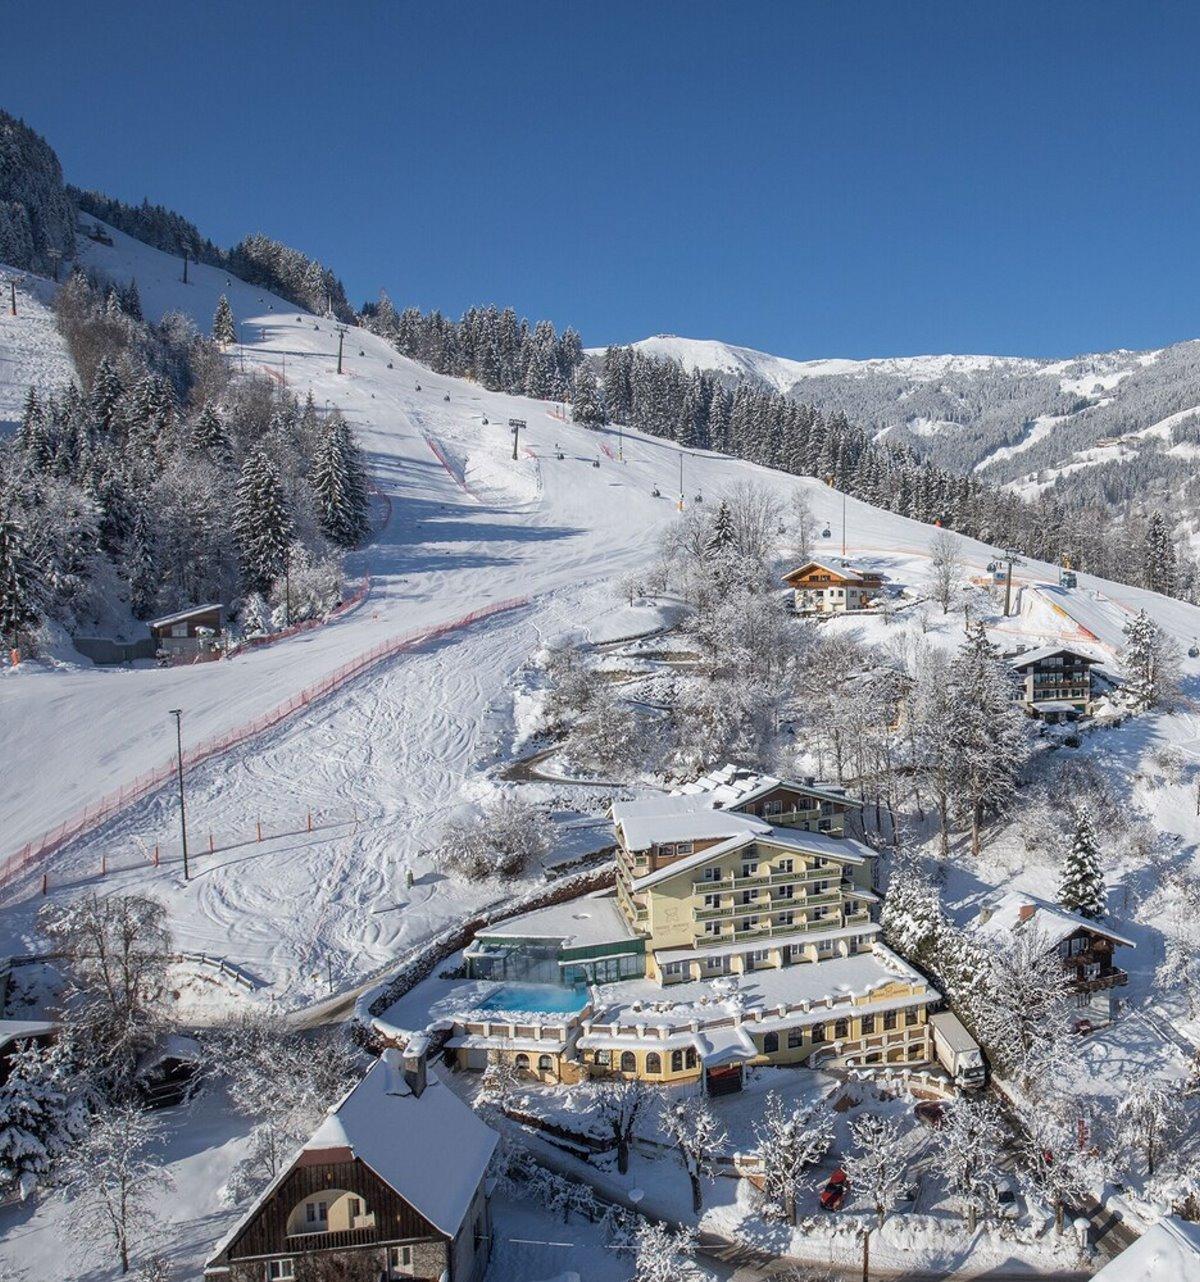 το μαγευτικό χιονισμένο τοπίο του Berner Hotel